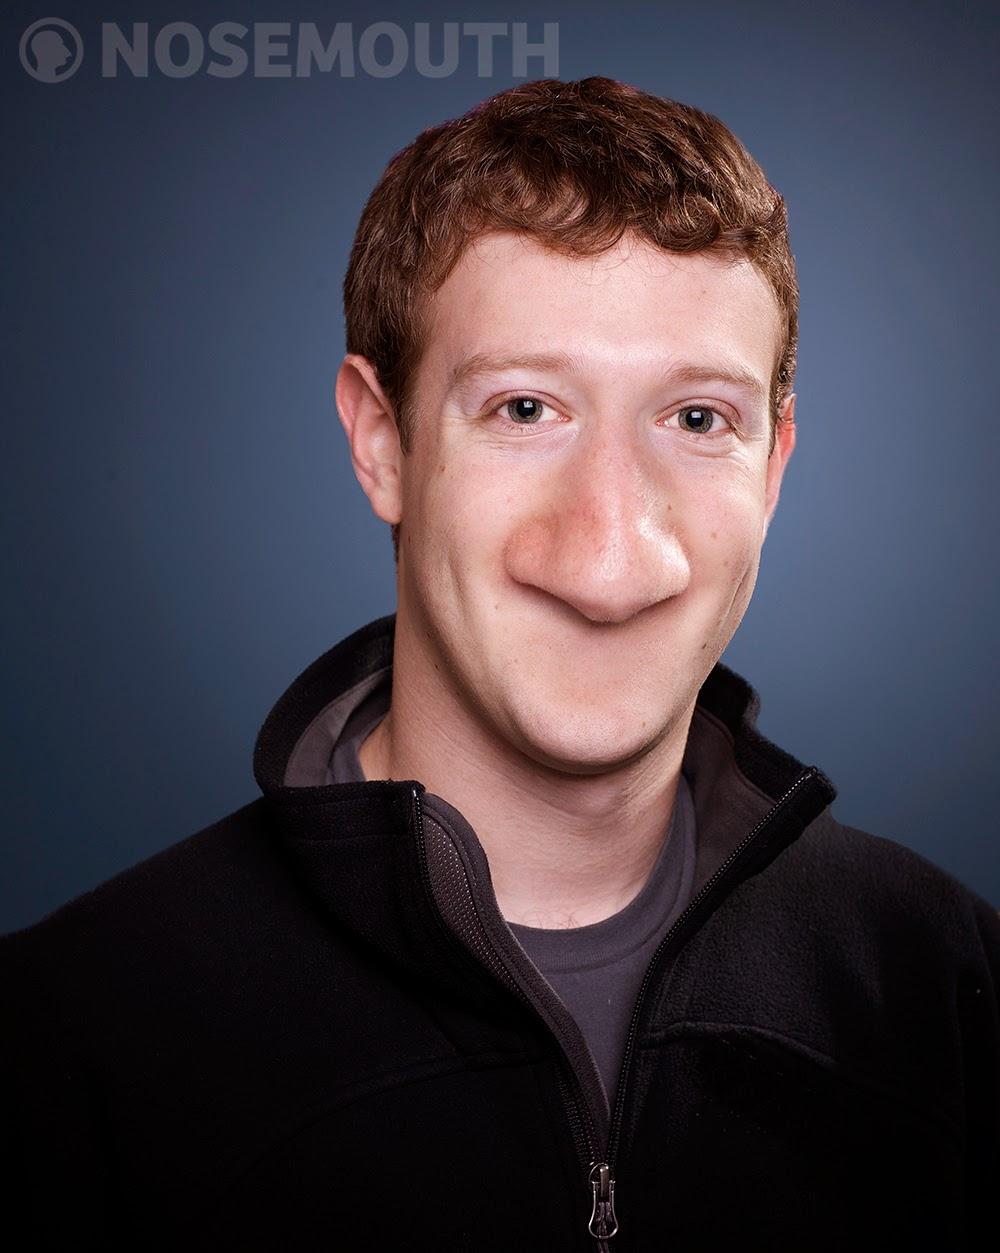 مارك زوكربيرج بأنف كبير وبدون فم